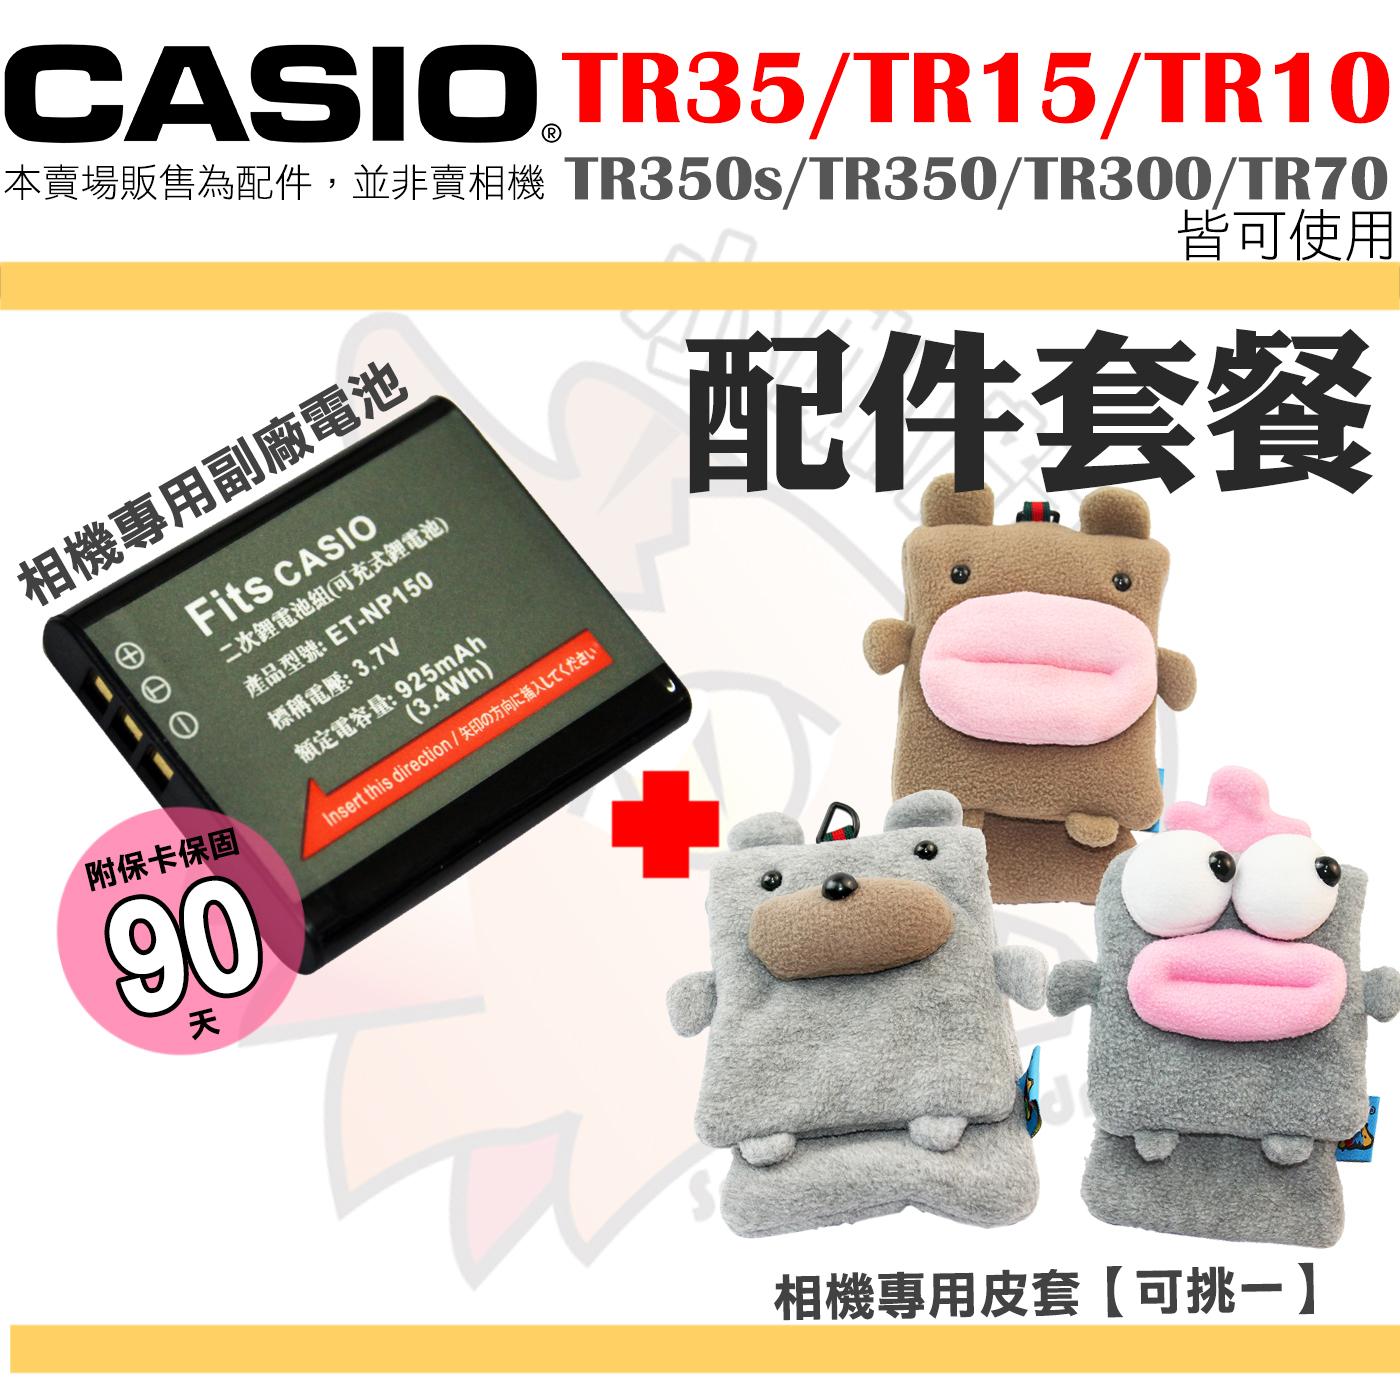 配件套餐CASIO TR35 TR15 TR10 TR350s TR350 TR300副廠電池鋰電池皮套保護套相機包